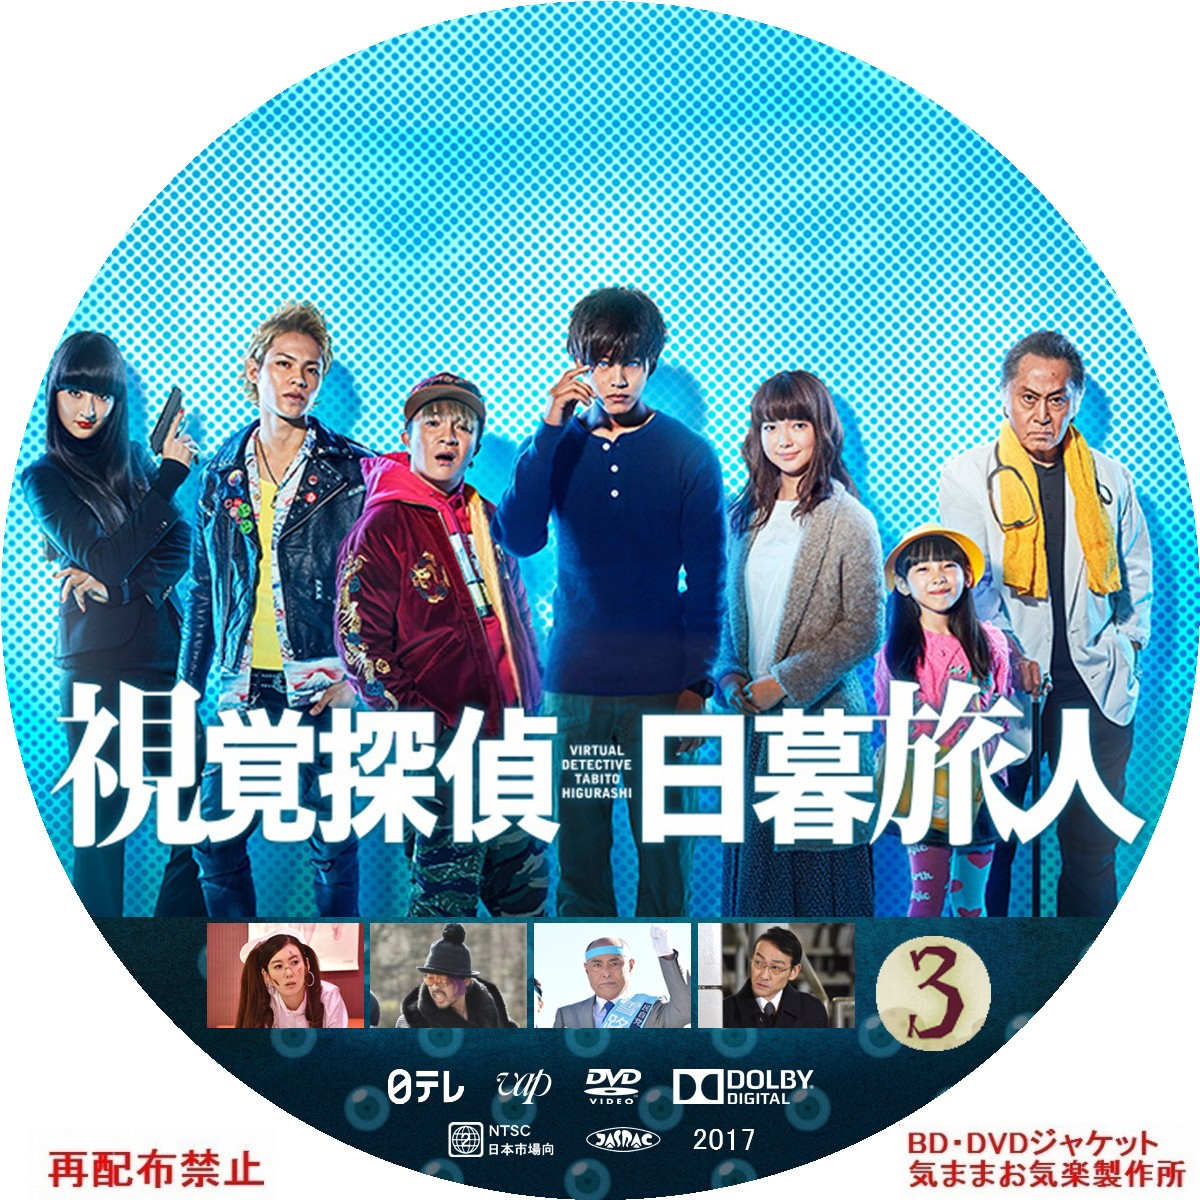 VD_TABITO_HIGURASHI_DVD03.jpg